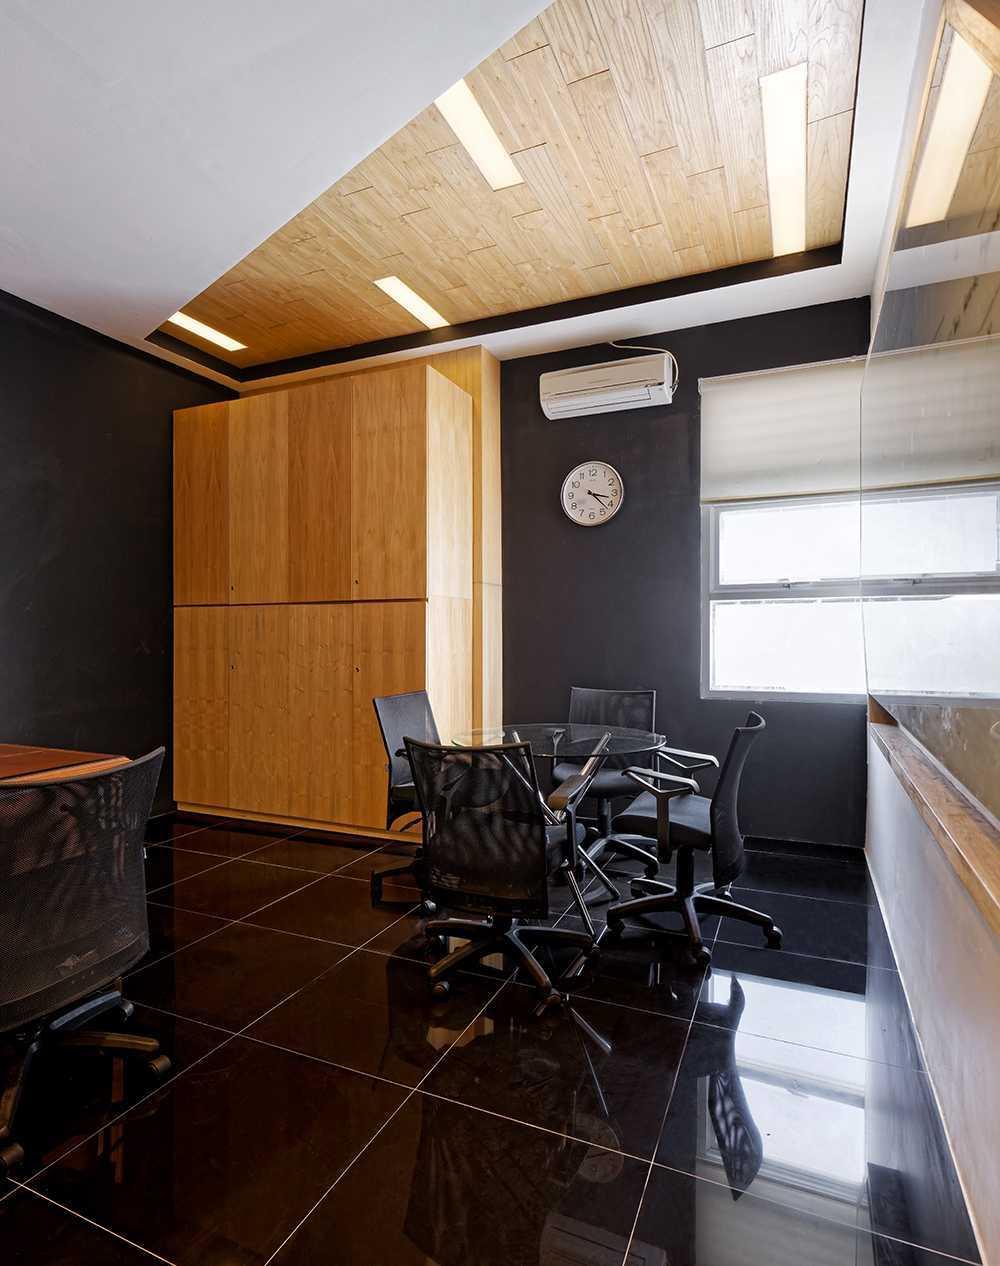 Foto inspirasi ide desain ruang meeting Meeting room oleh Delution Architect di Arsitag